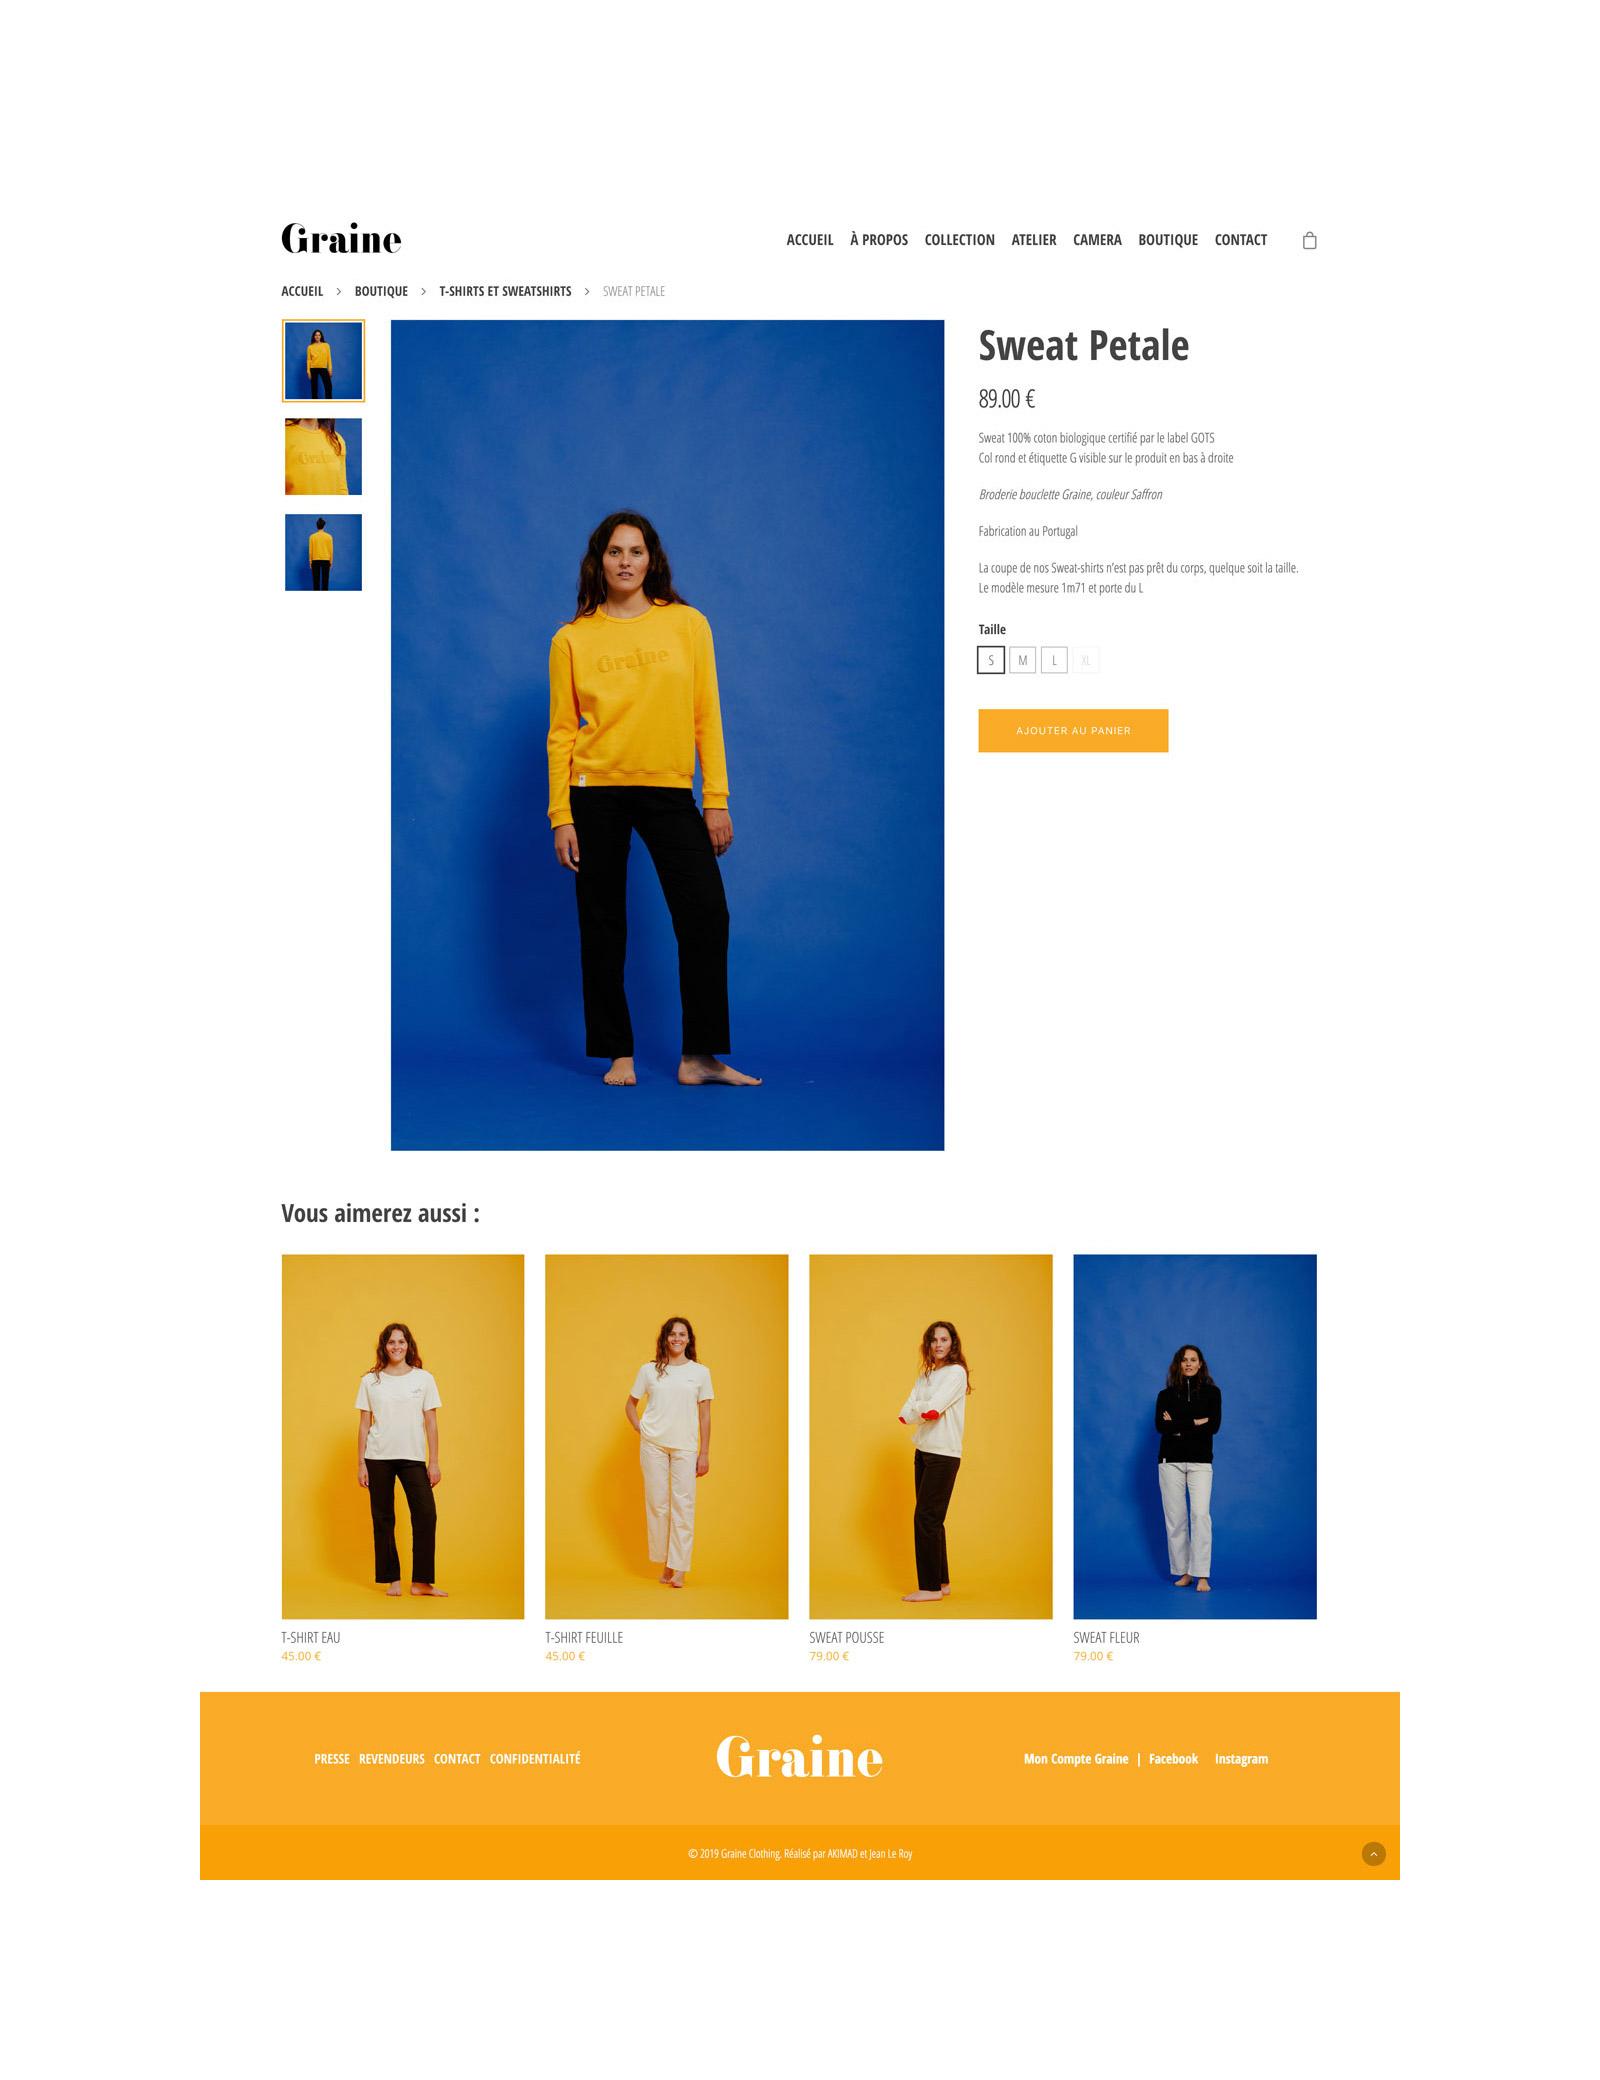 Jean Le Roy - Développeur web et consultant social medias à Biarritz - Graine Clothing - Page produit